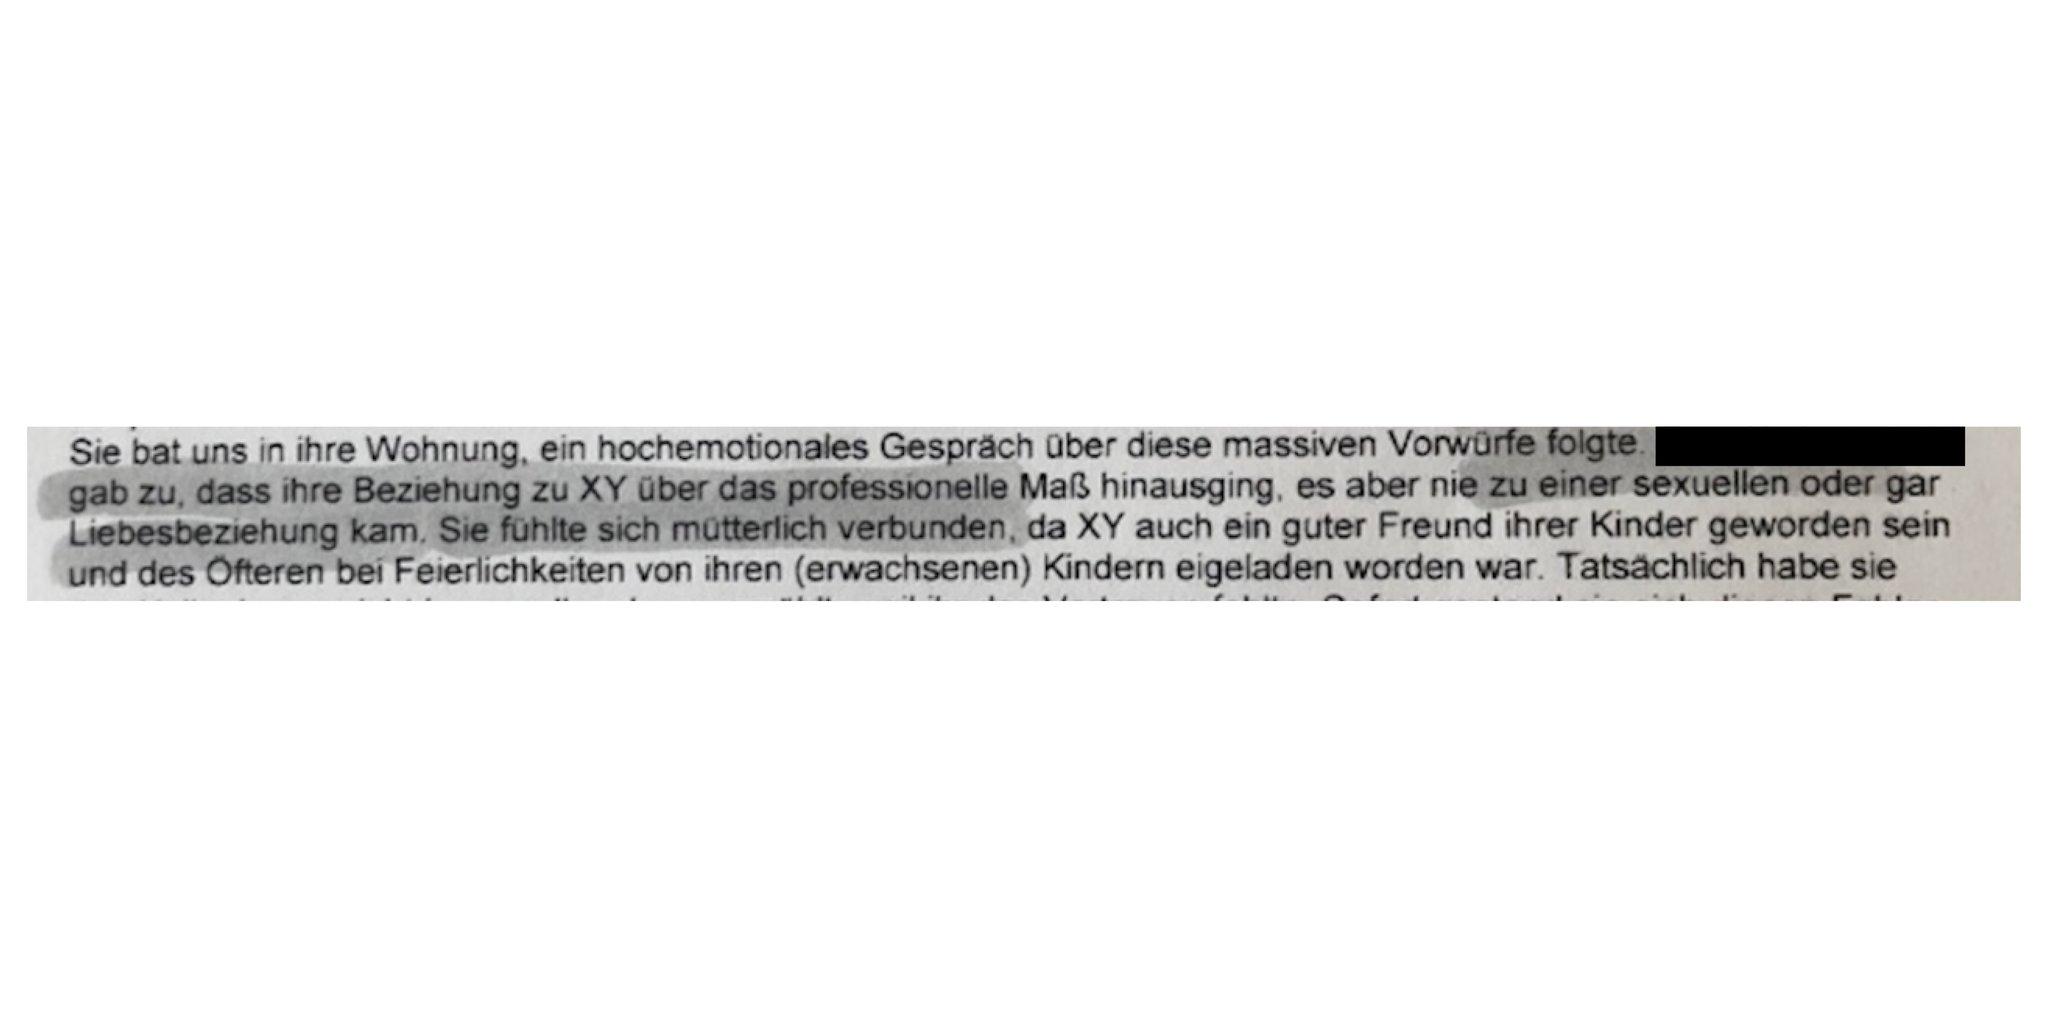 Xy Einzelfall Karte.Niederösterreich Missbrauchsvorwürfe In Kinderheim Für